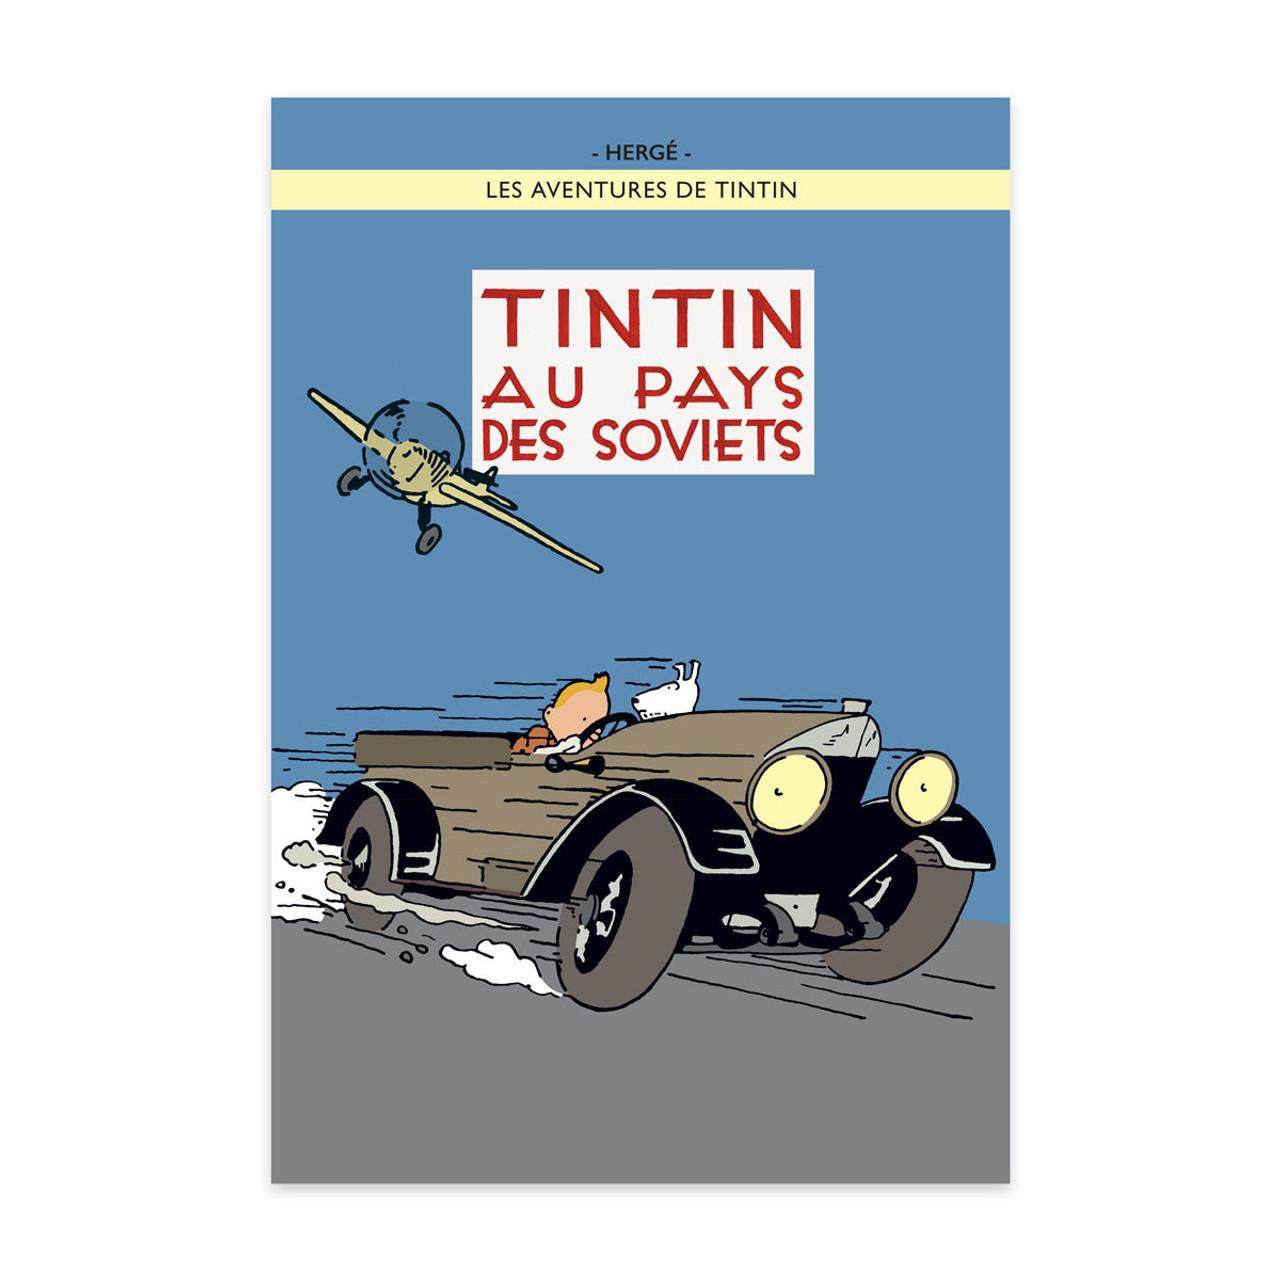 TINTIN POSTER 24 AU PAYS DES SOVIETS (COLOUR)